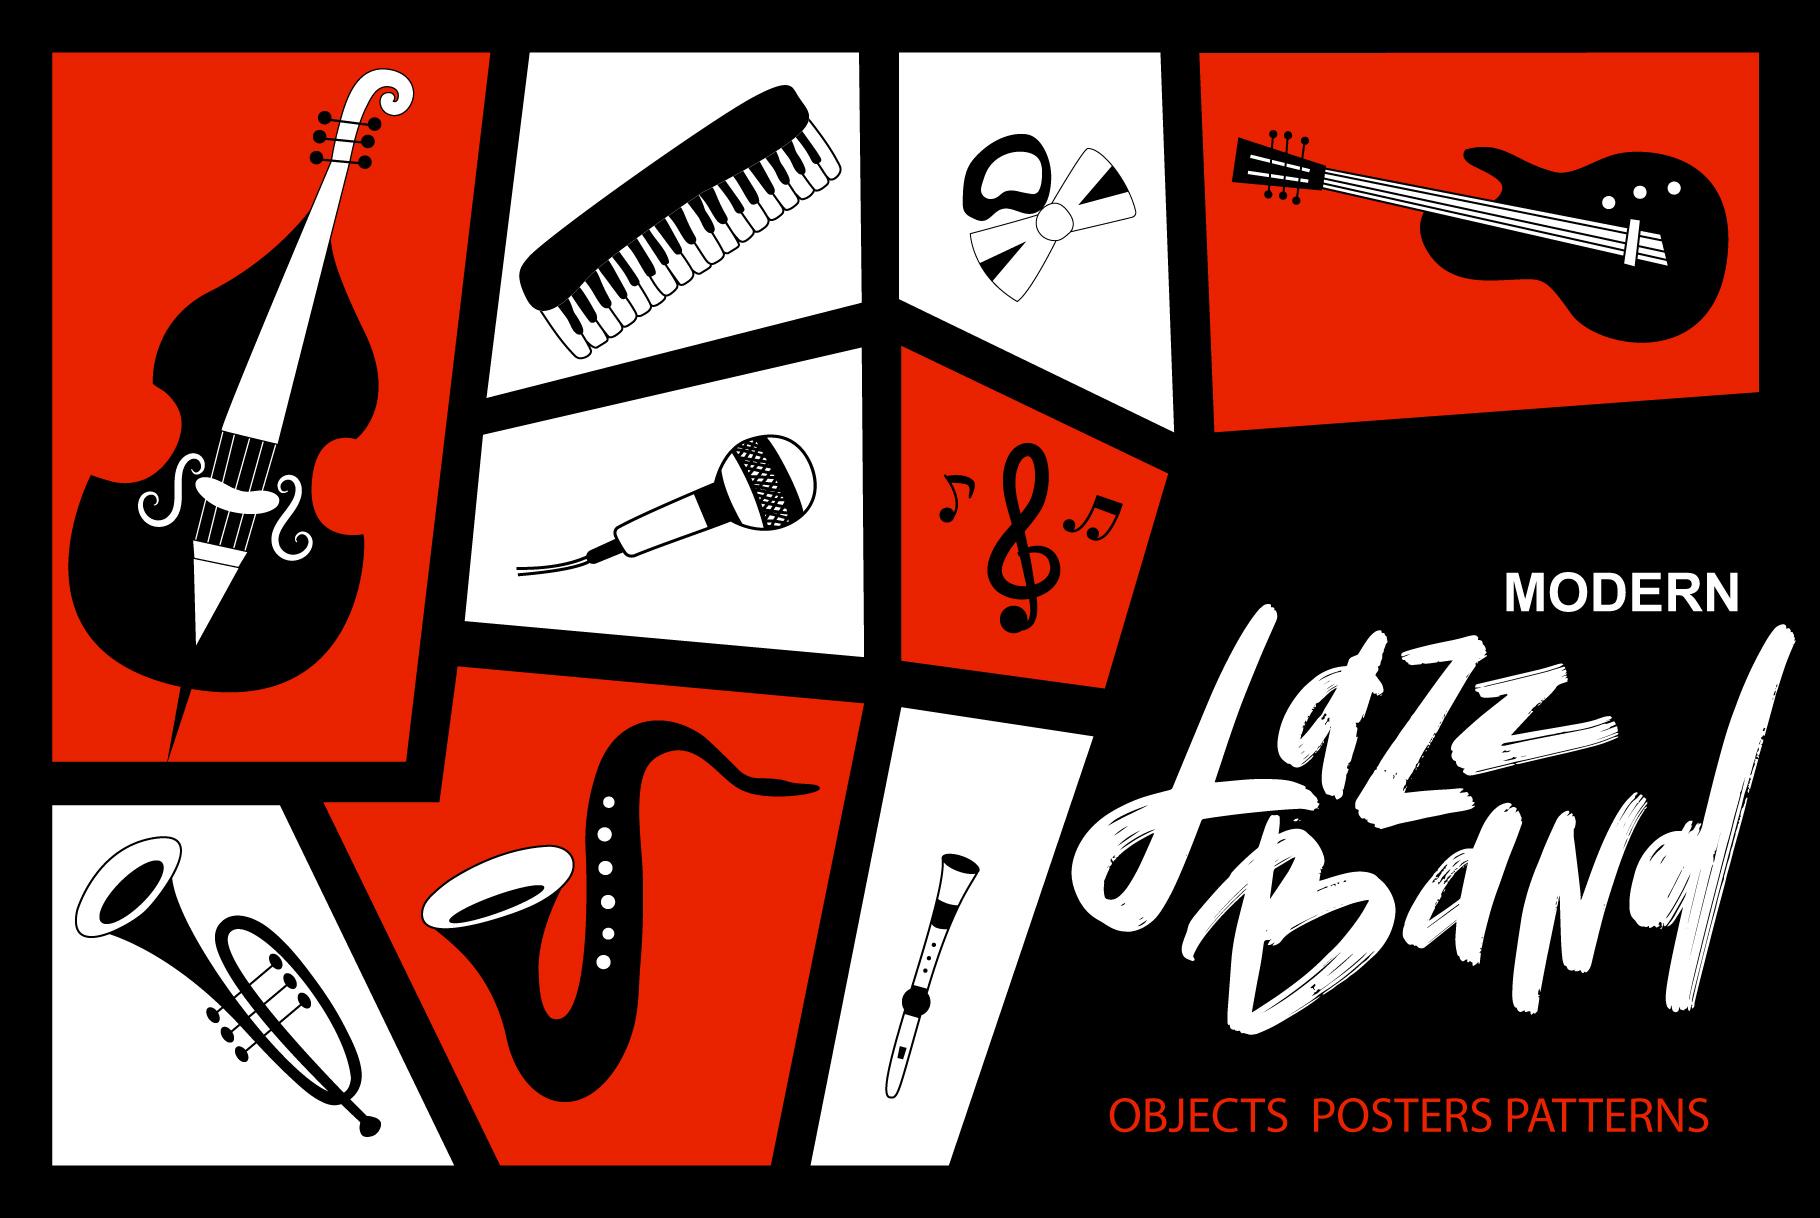 Modern jazz band example image 1